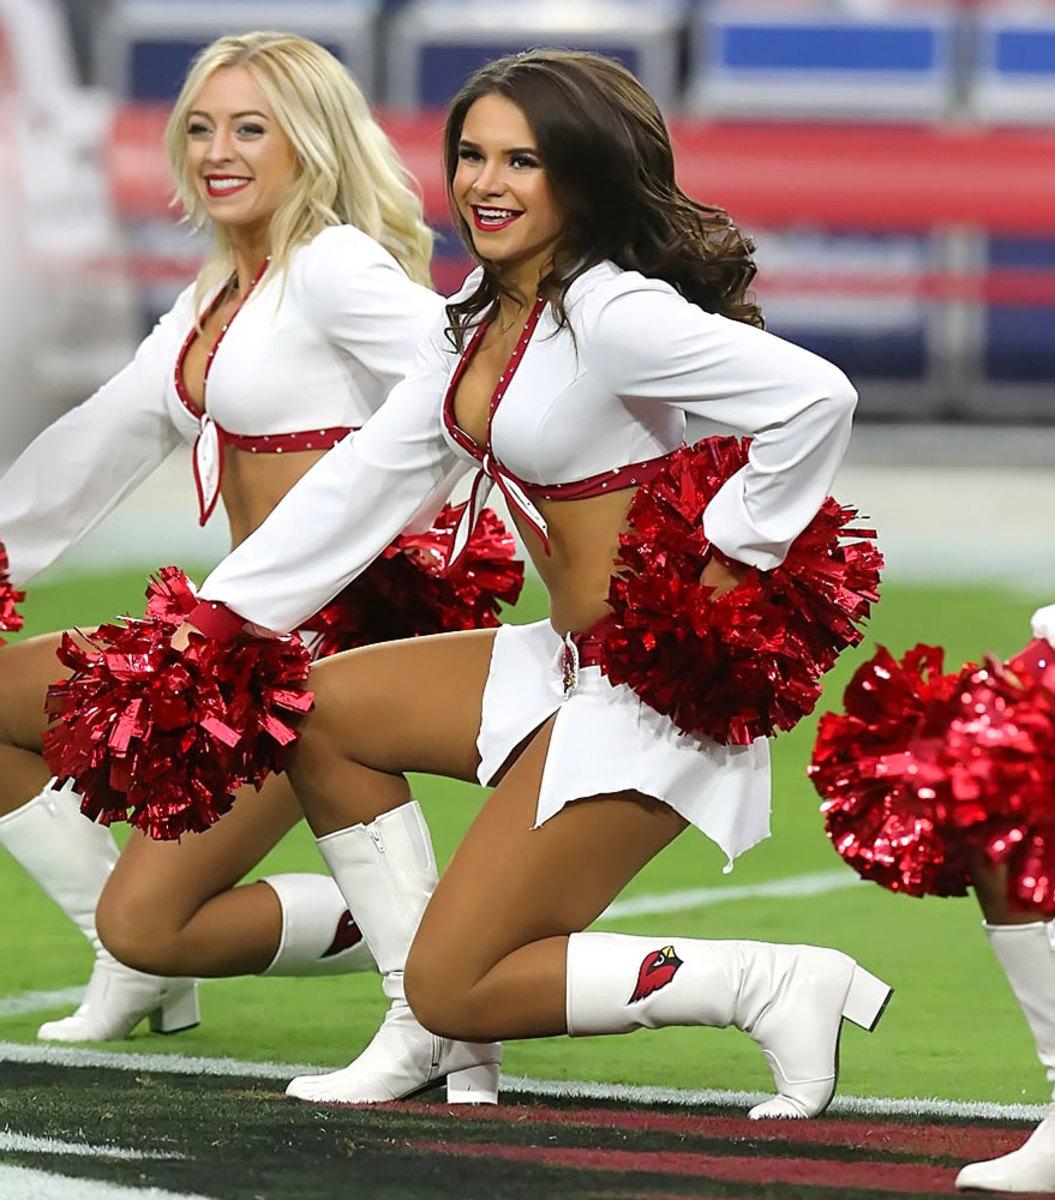 Arizona-Cardinals-cheerleaders-YYP_0127.jpg